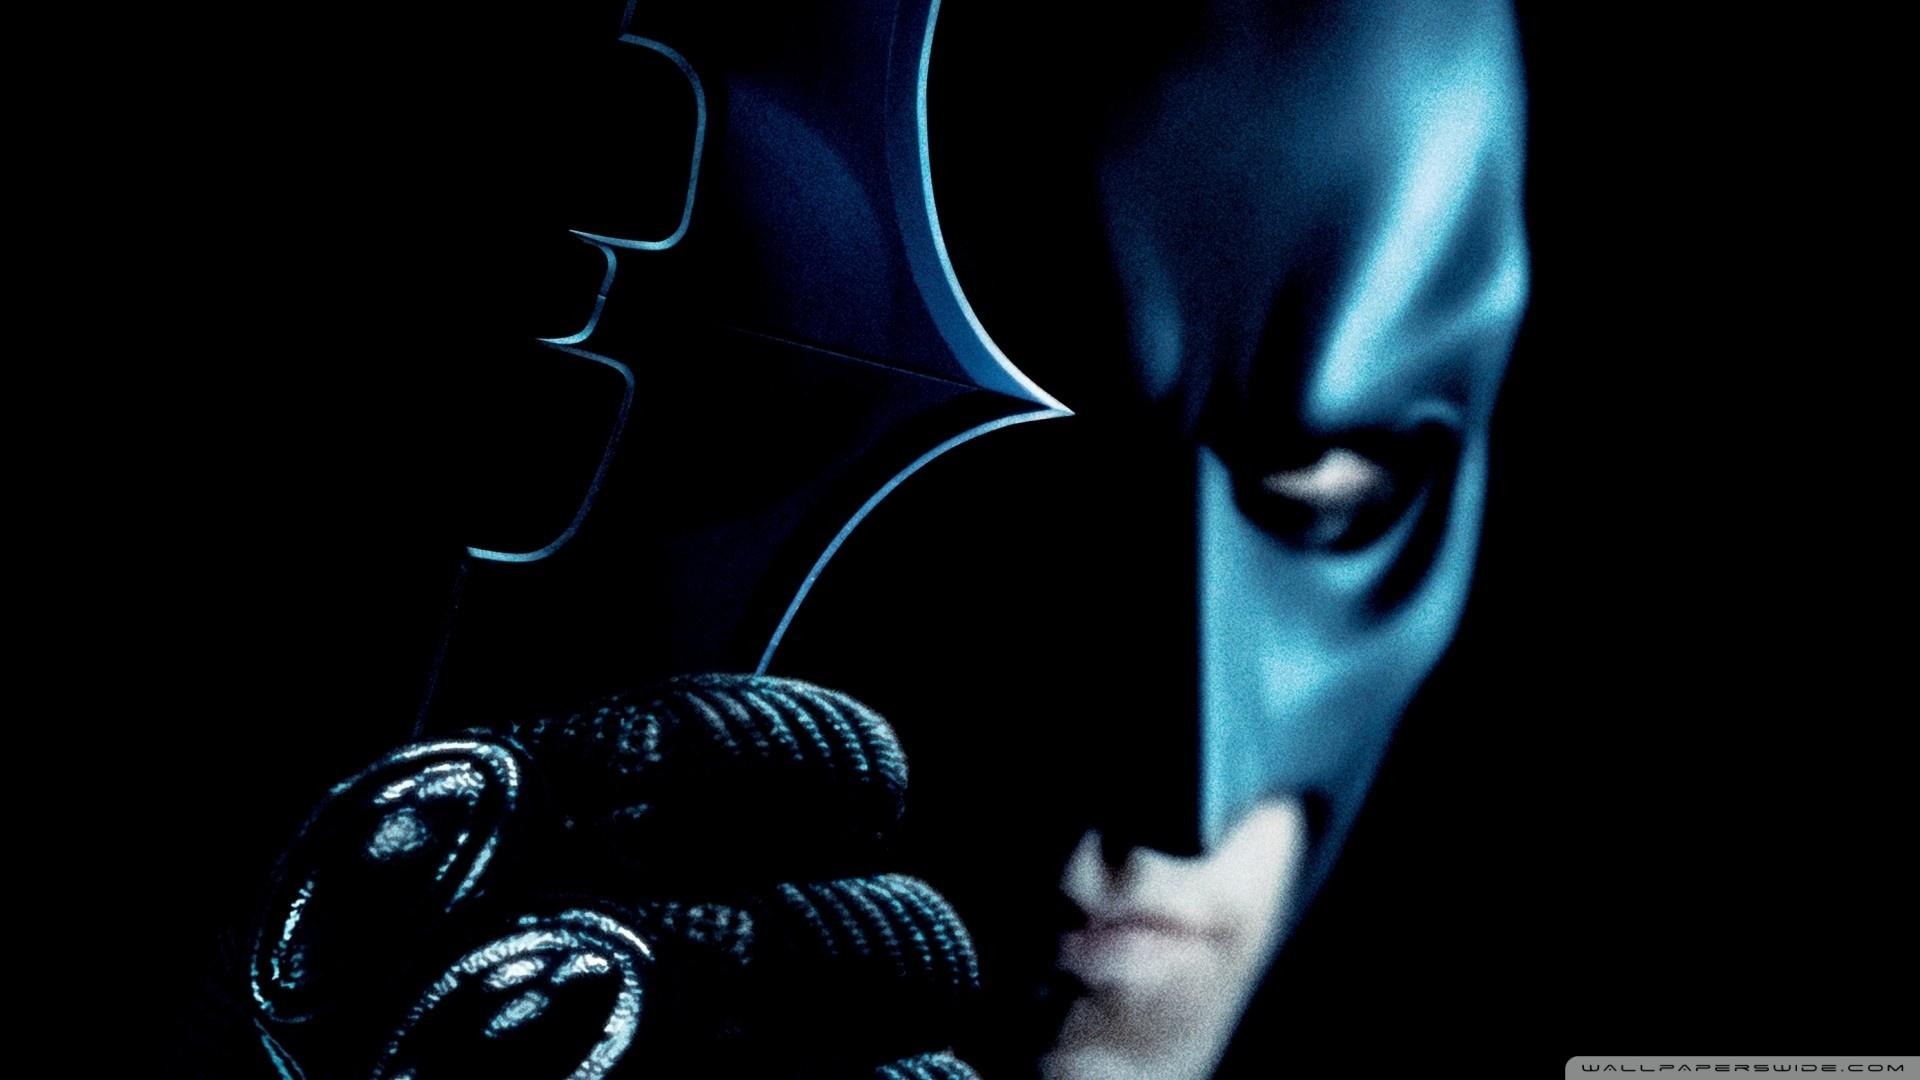 batman_the_dark_knight_2-wallpaper-1920x1080.jpg